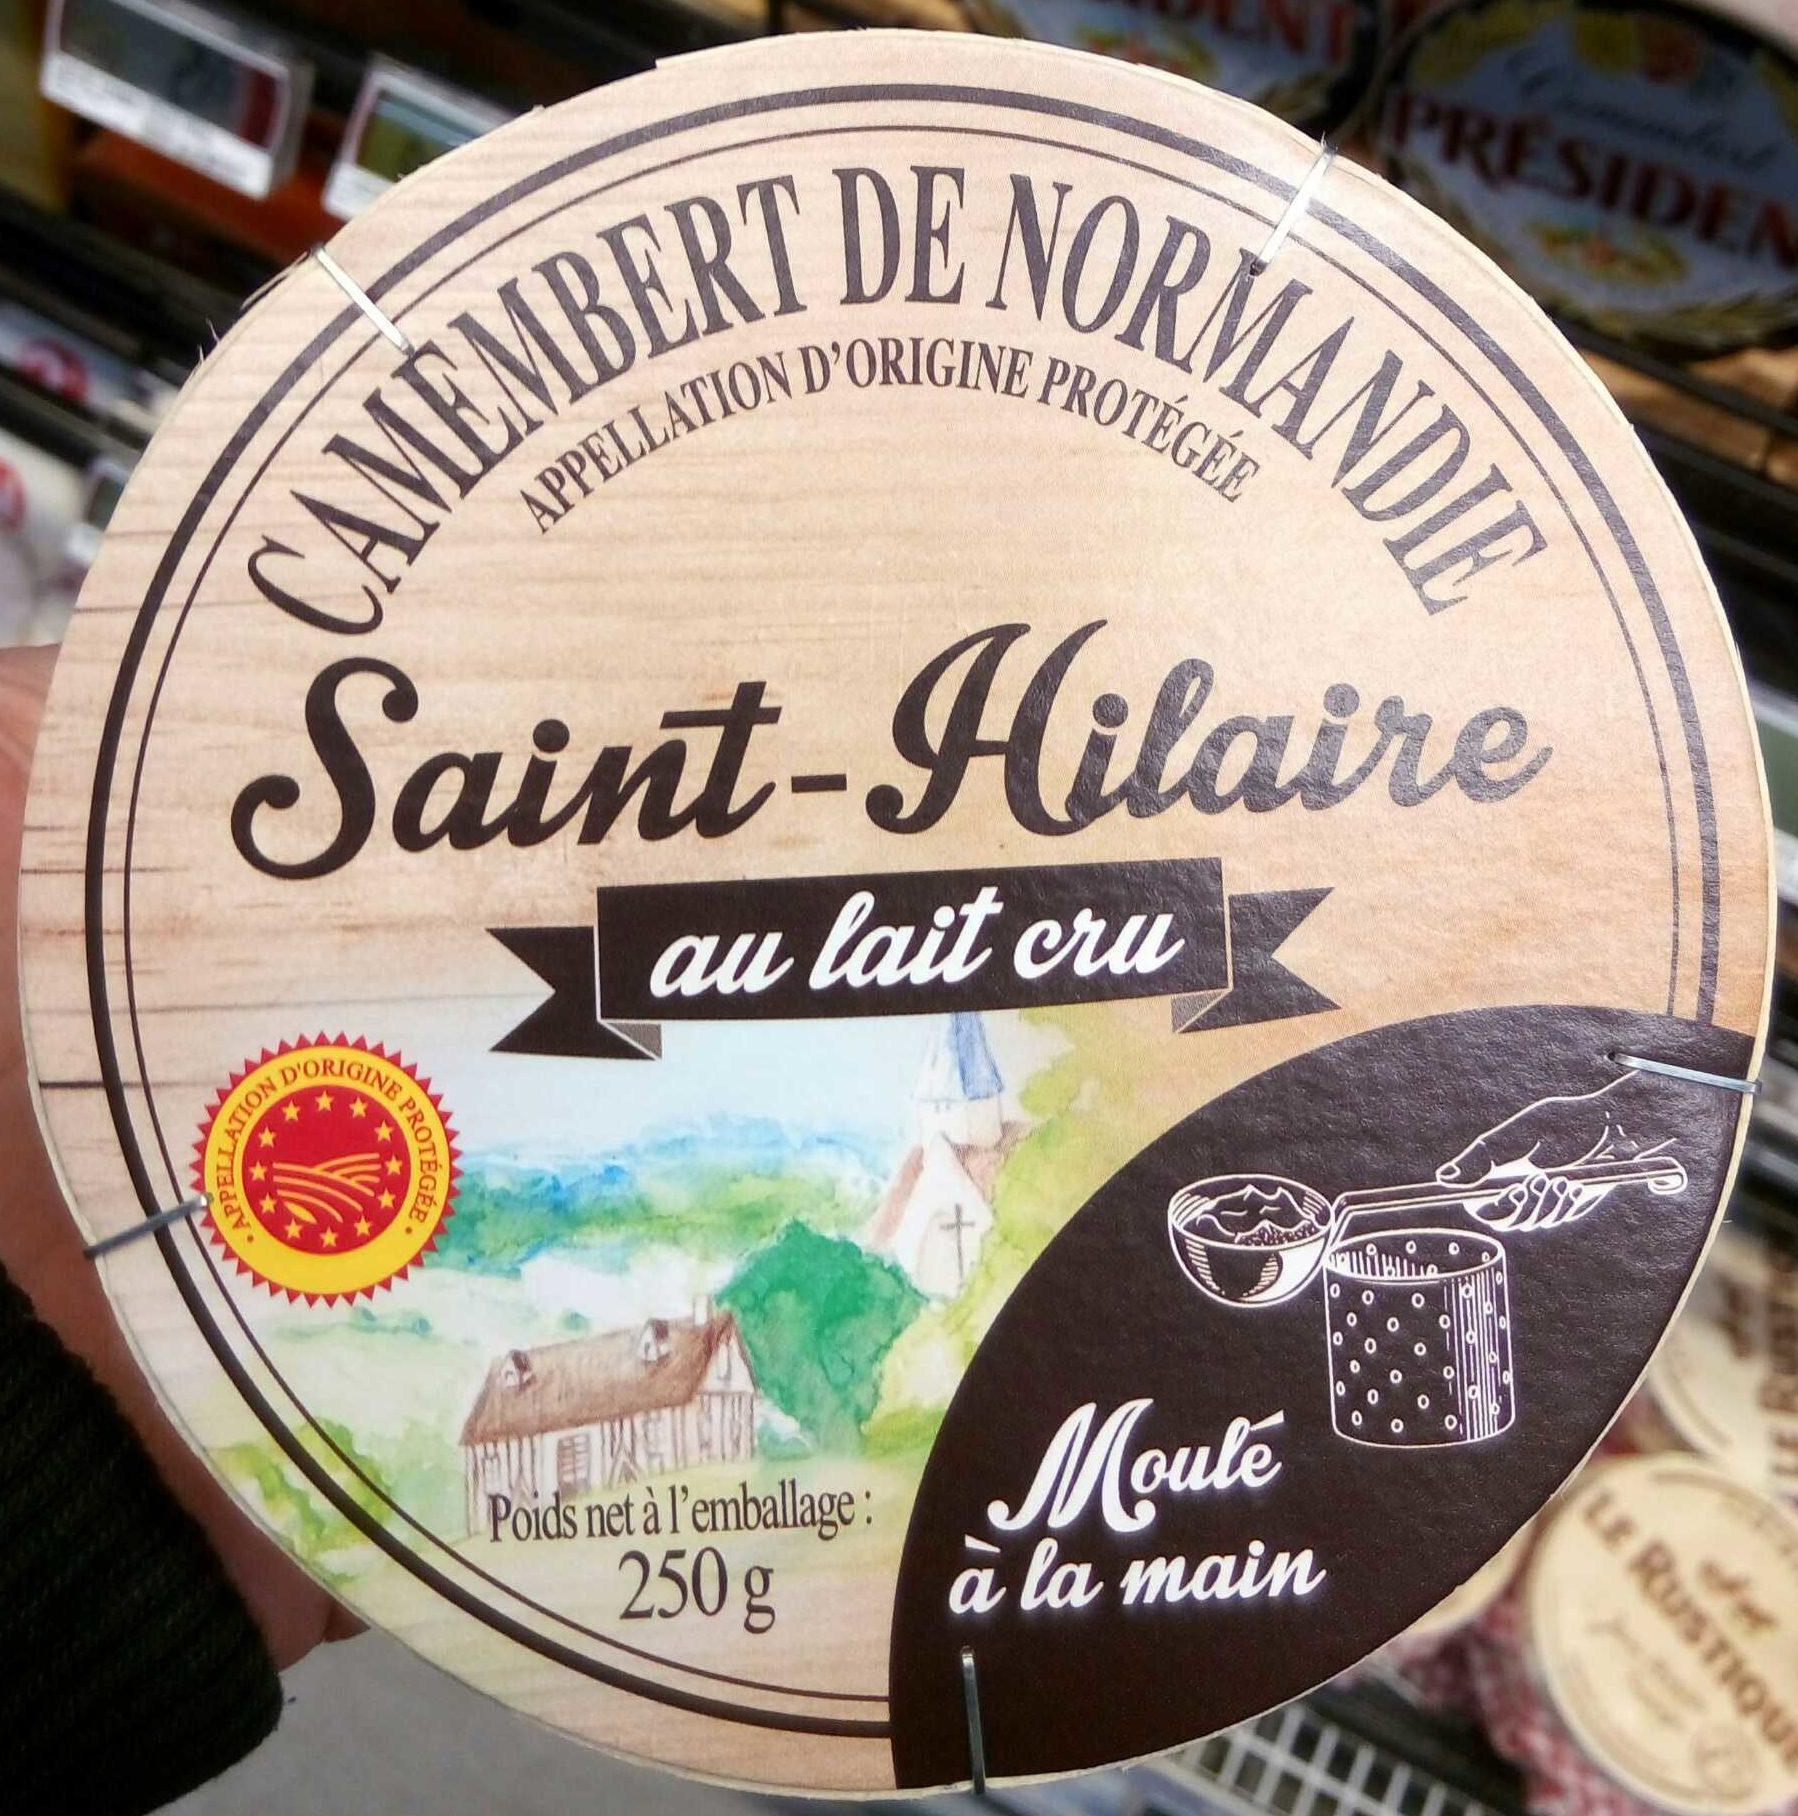 Camembert de Normandie Saint-Hilaire du lait cru - Product